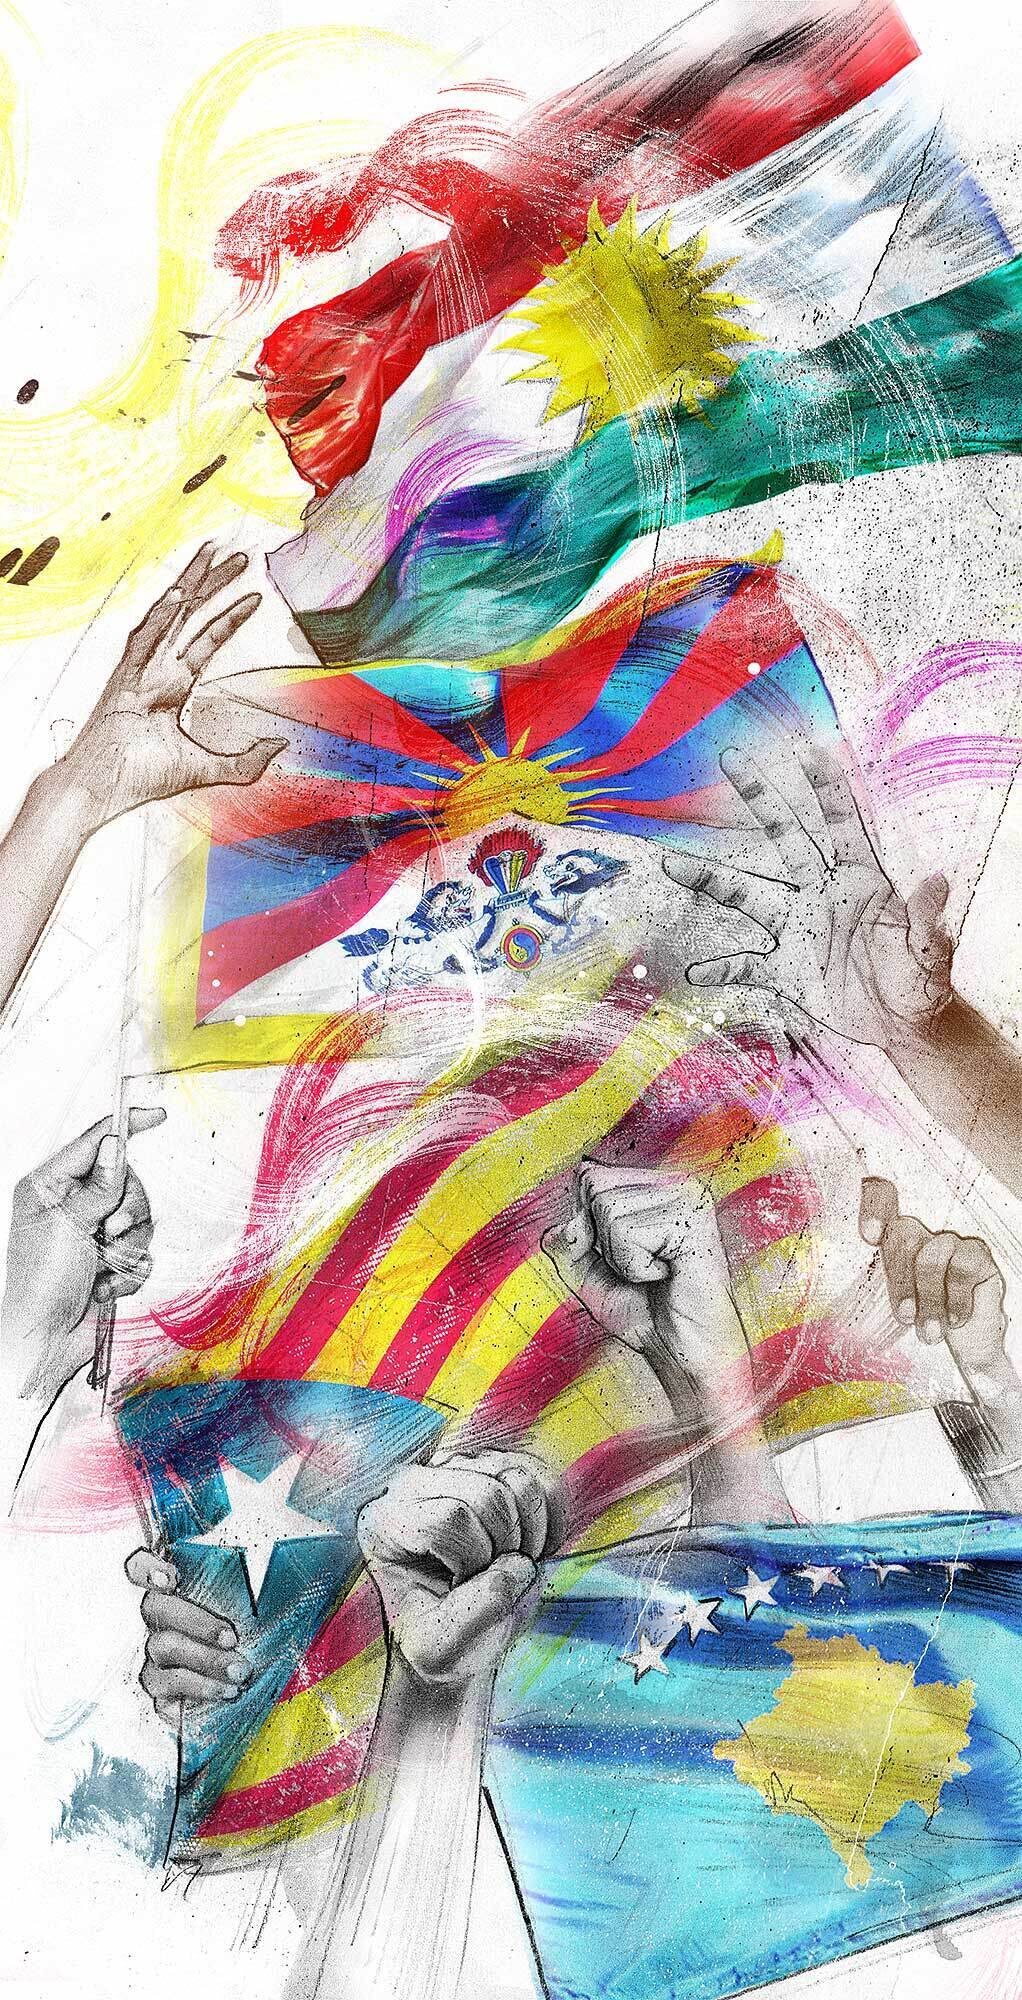 Flags liberty political illustration - Kornel Illustration | Kornel Stadler portfolio